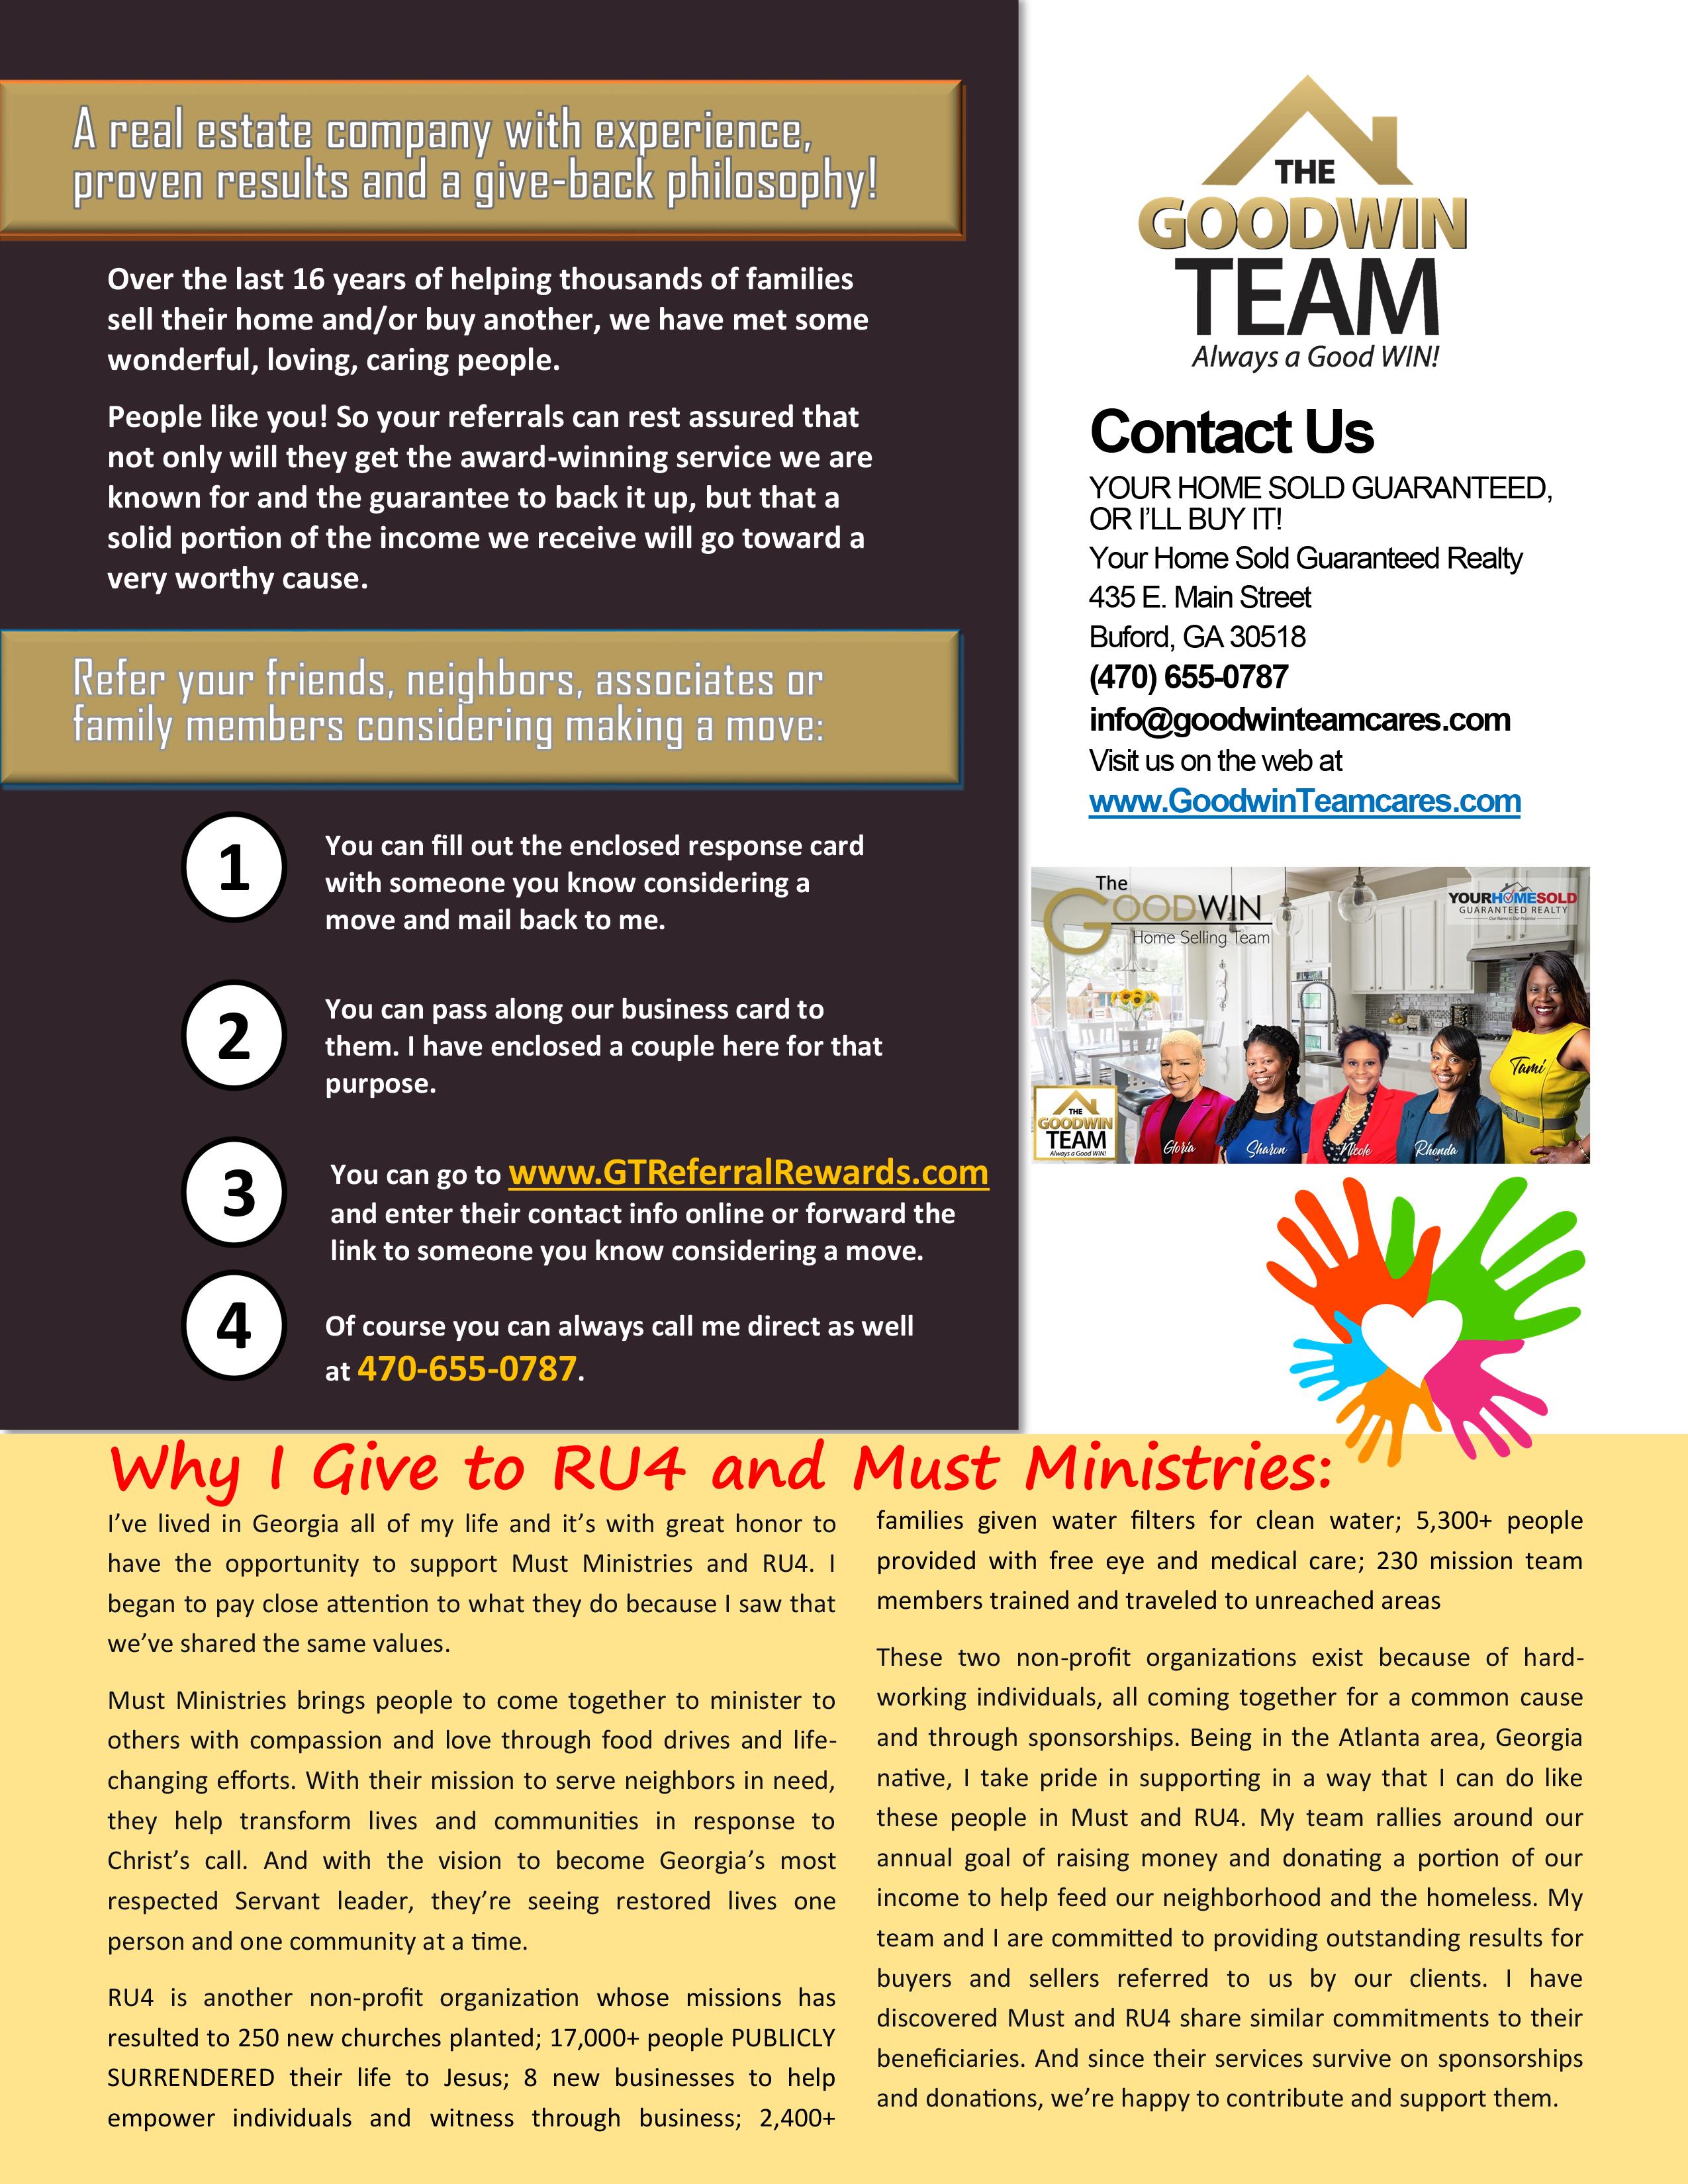 Oct 2020 Referral Newsletter Goodwin Team-4.JPG